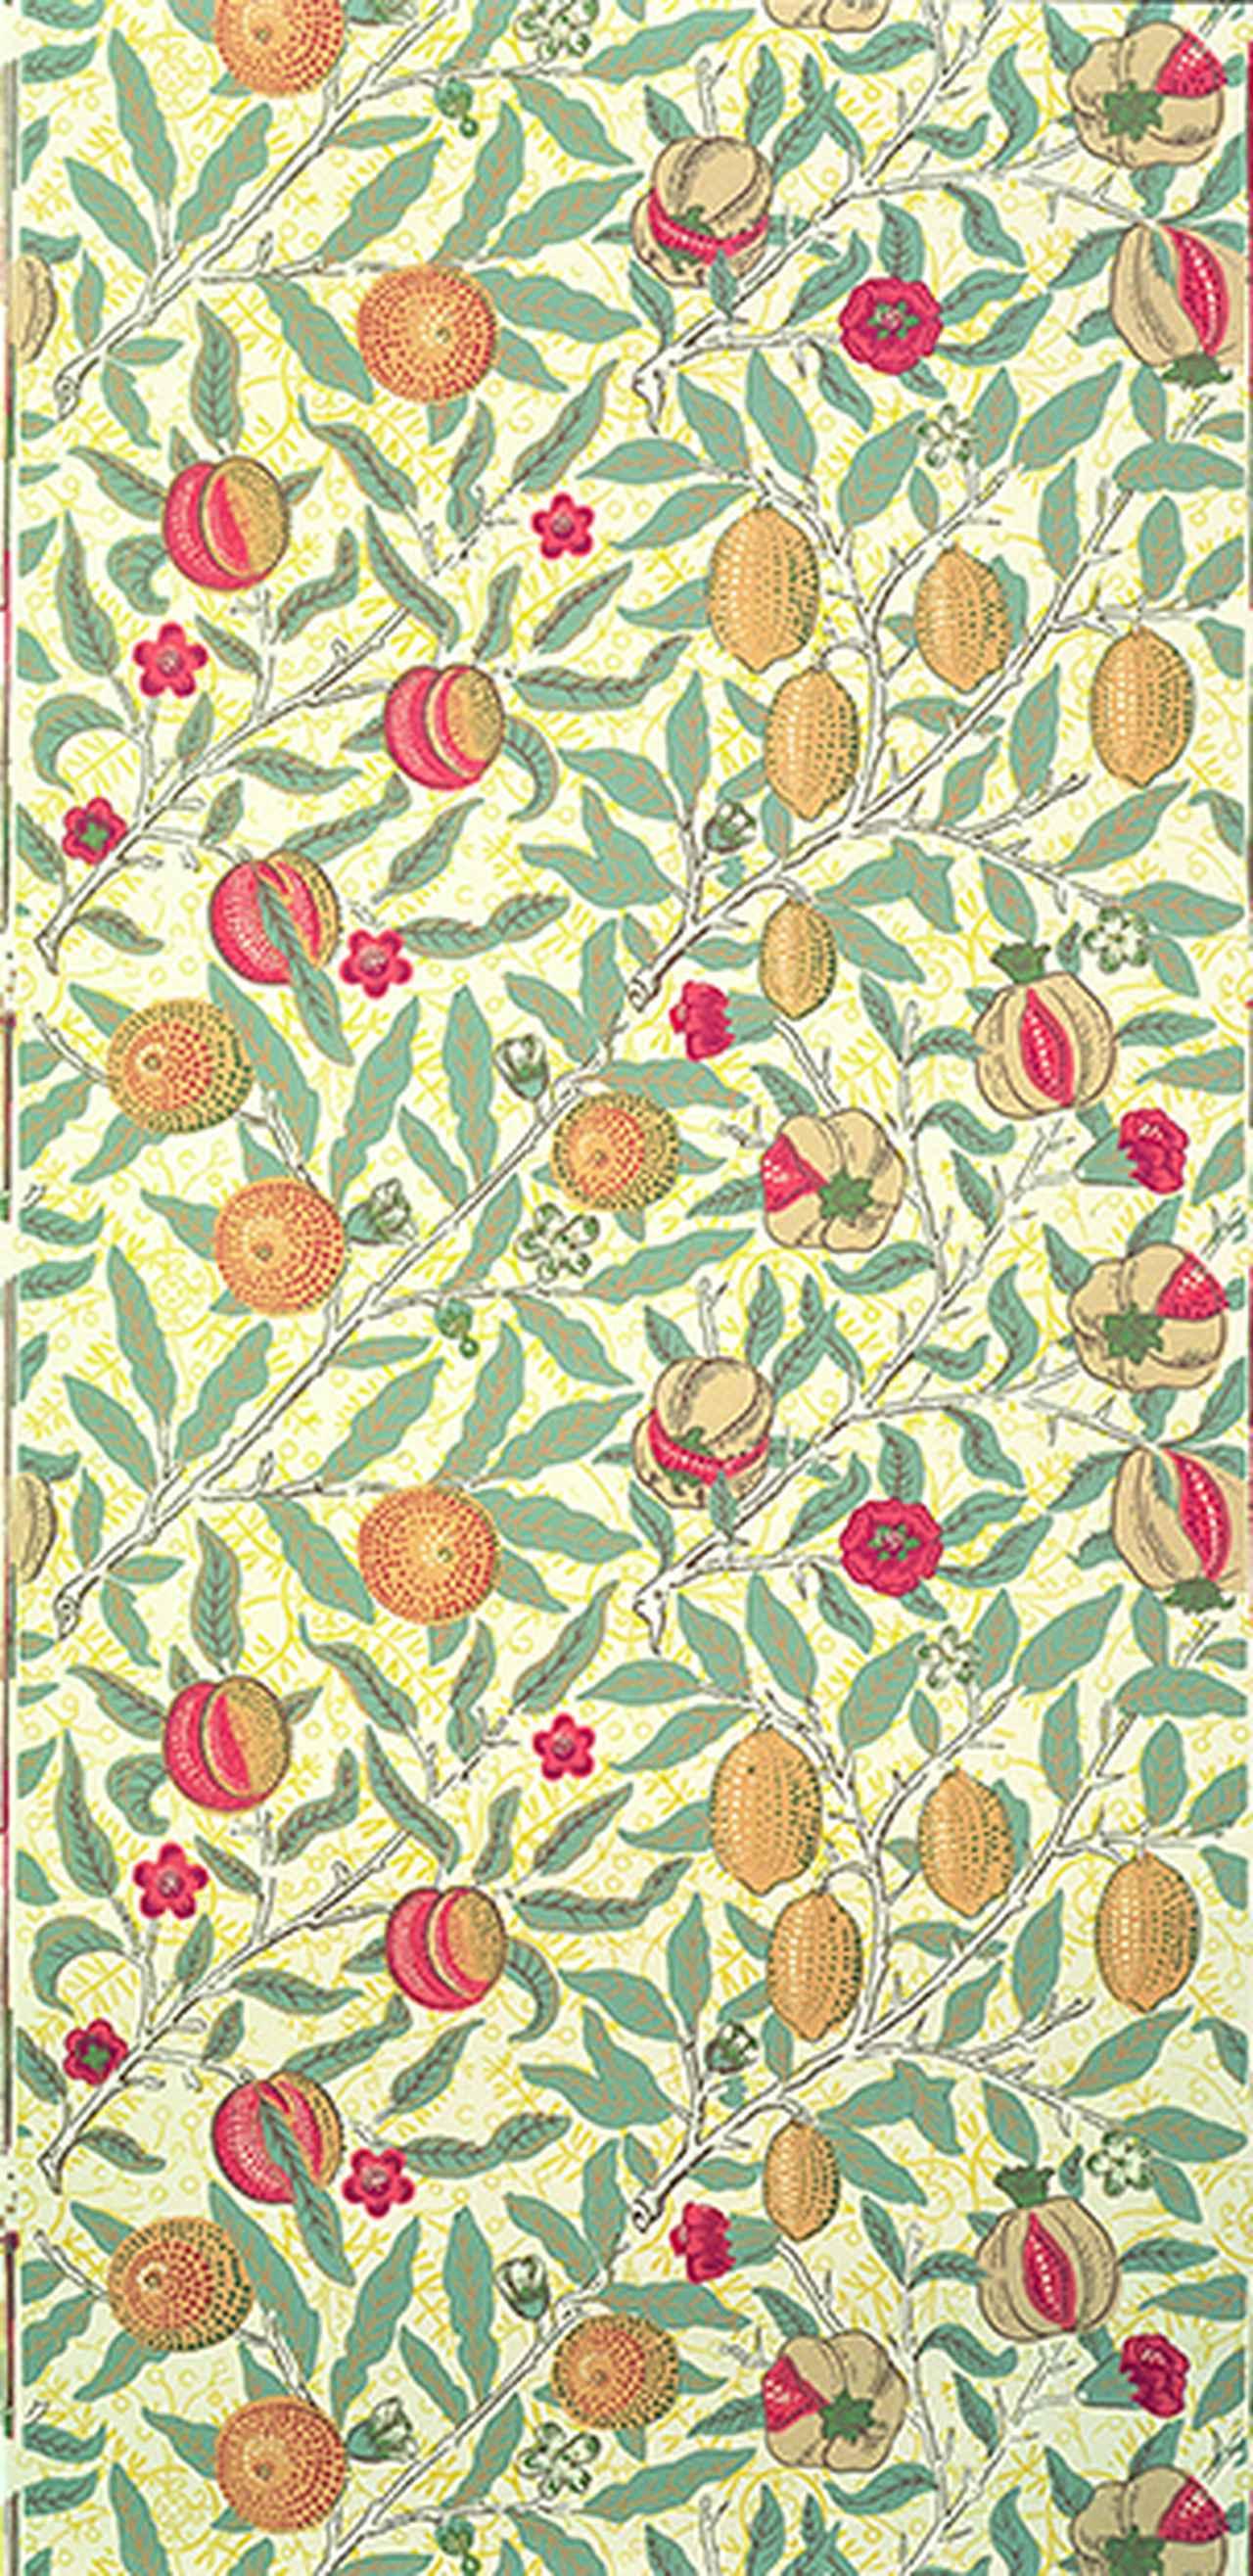 画像: 《柘榴あるいは果実》デザイン: ウィリアム・モリス Photo ⓒBrain Trust Inc. 1866年頃 木版、色刷り(壁紙)75 x 56.5 cm モリス・マーシャル・フォークナー商会